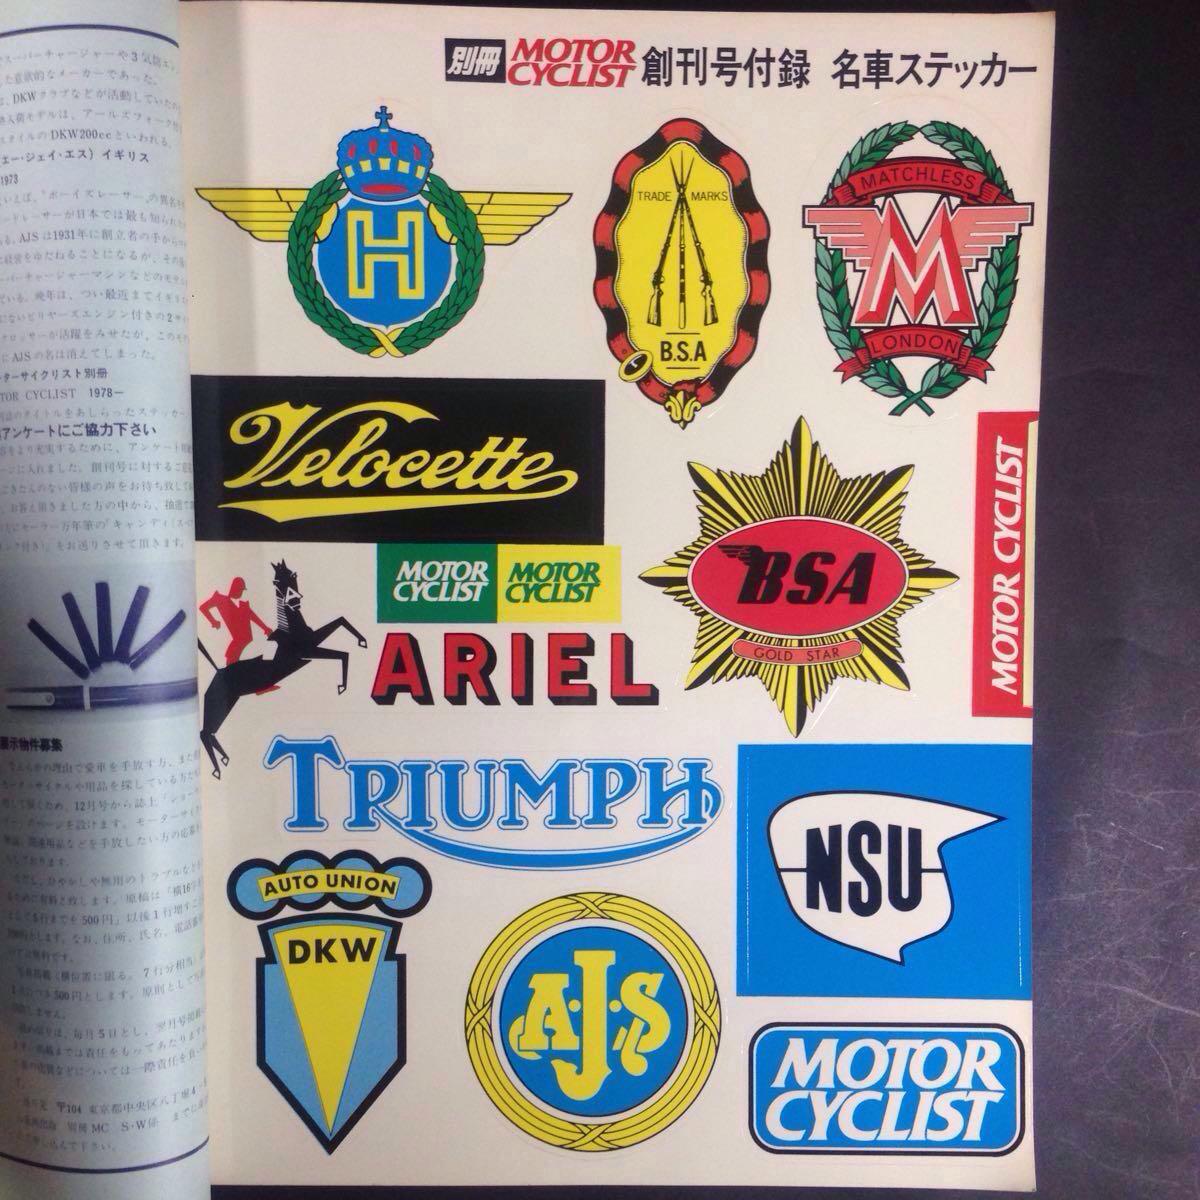 希少画像多数掲載 全133冊セット 別冊モーターサイクリスト 1978年11月創刊号~1989年10月号131冊+2冊サービス 入手困難_画像3